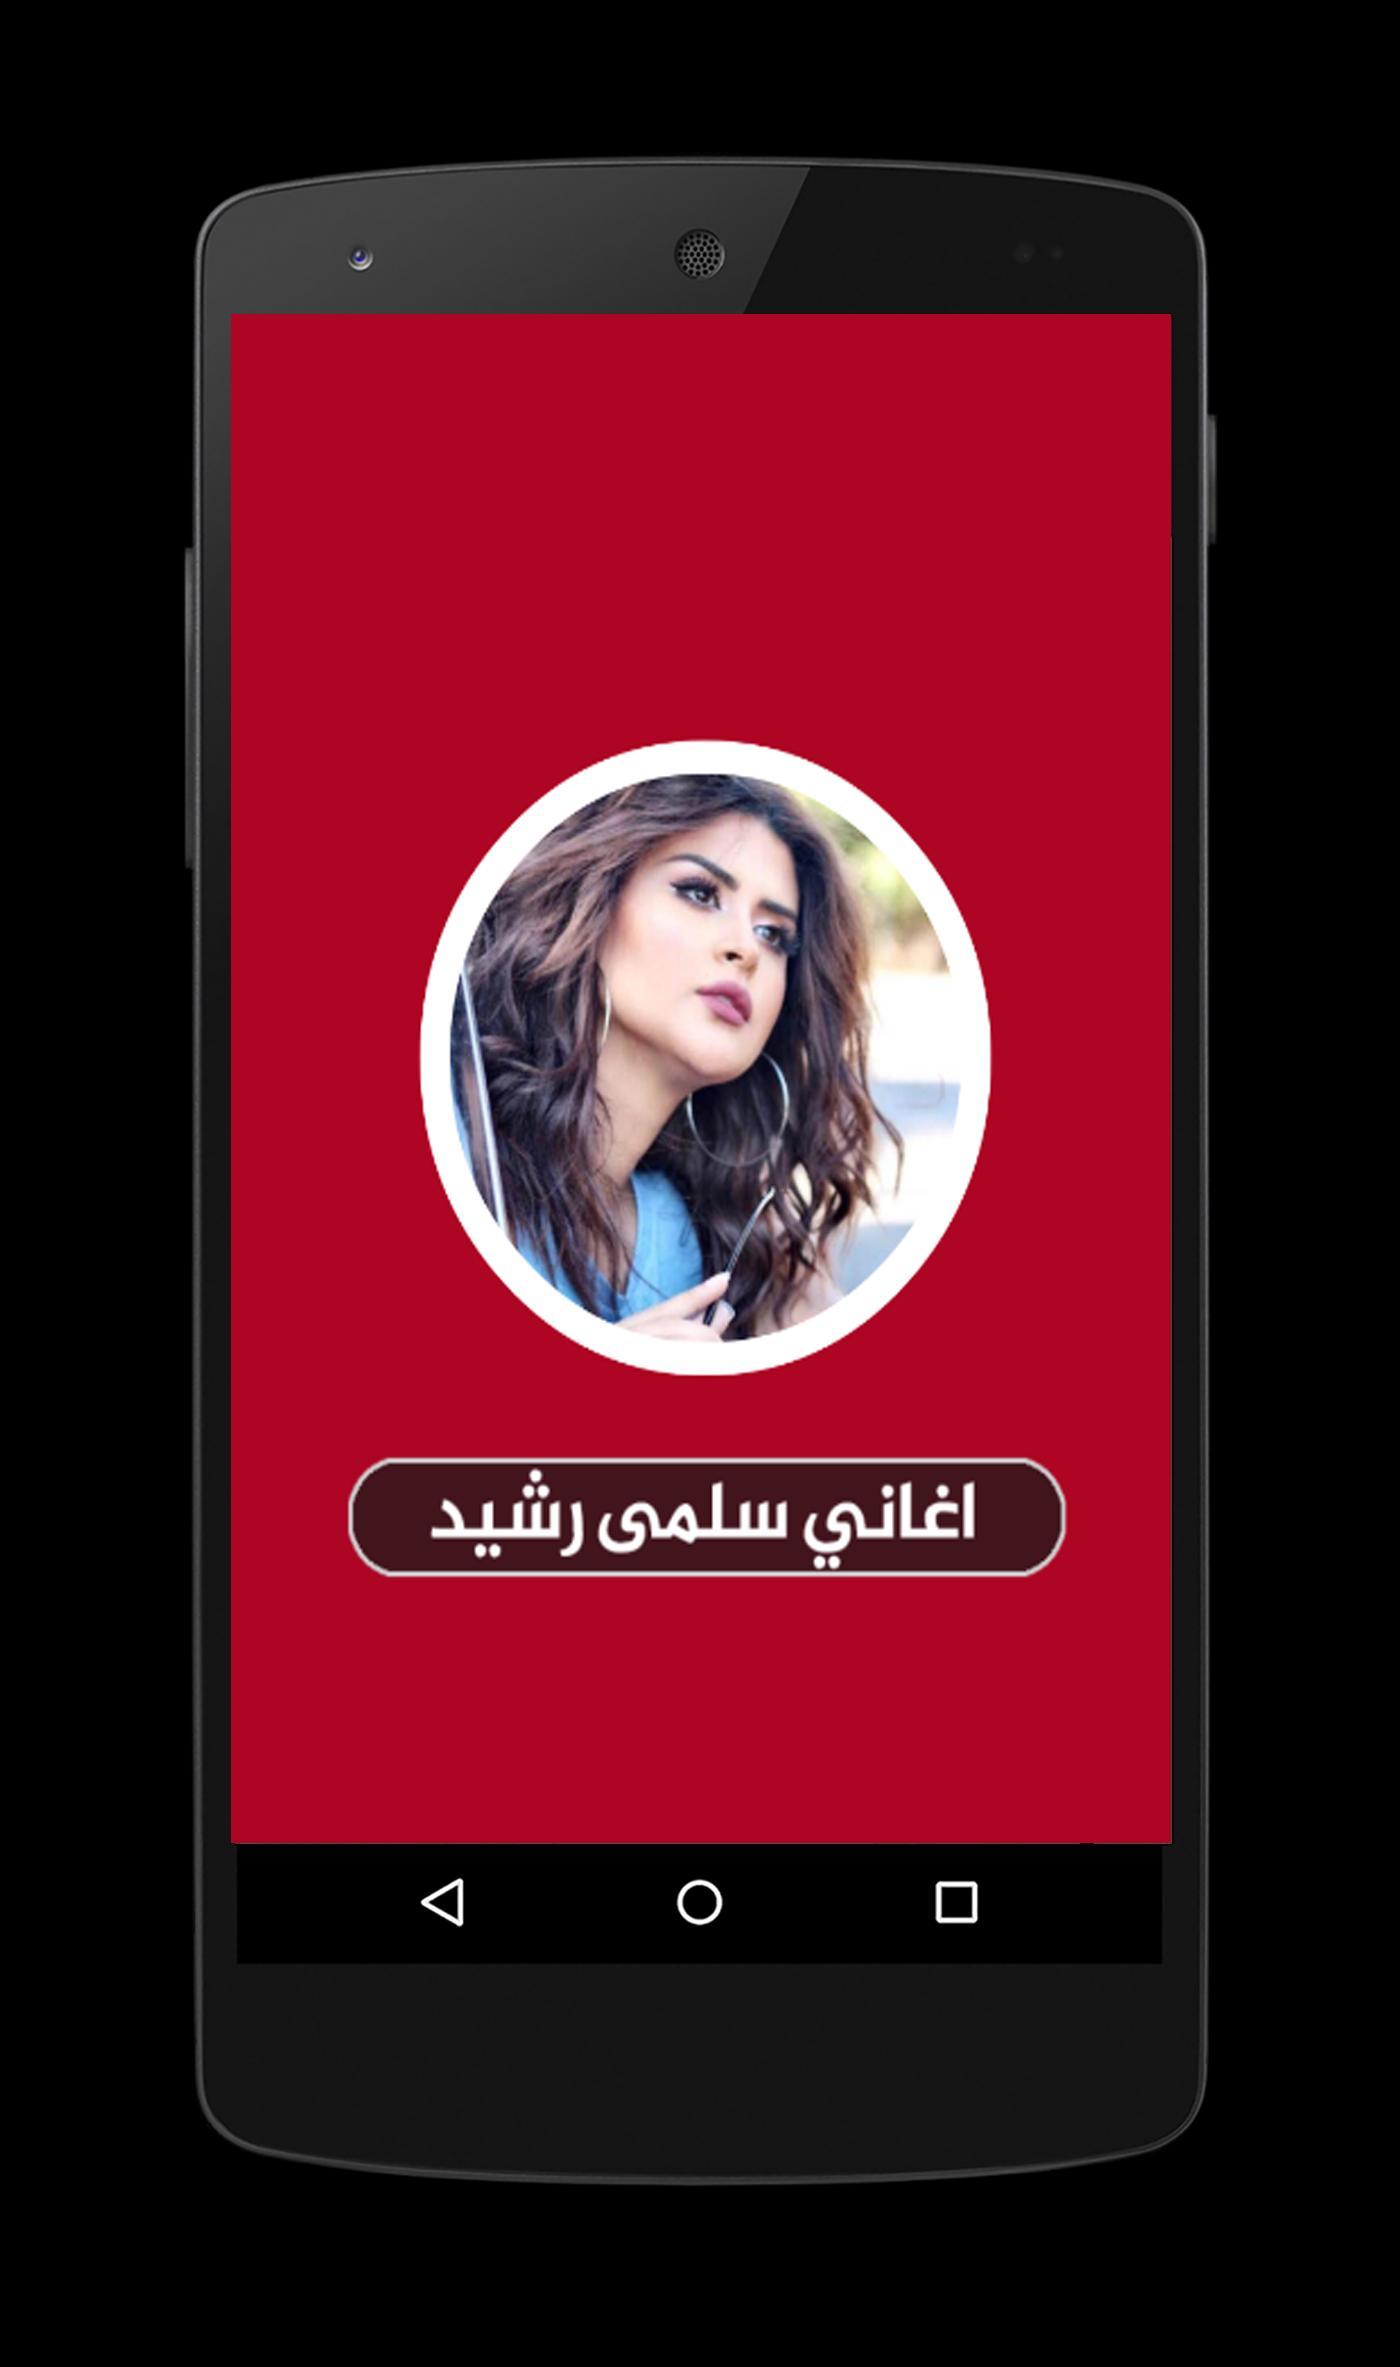 اغاني سلمى رشيد Salma Rachid For Android Apk Download